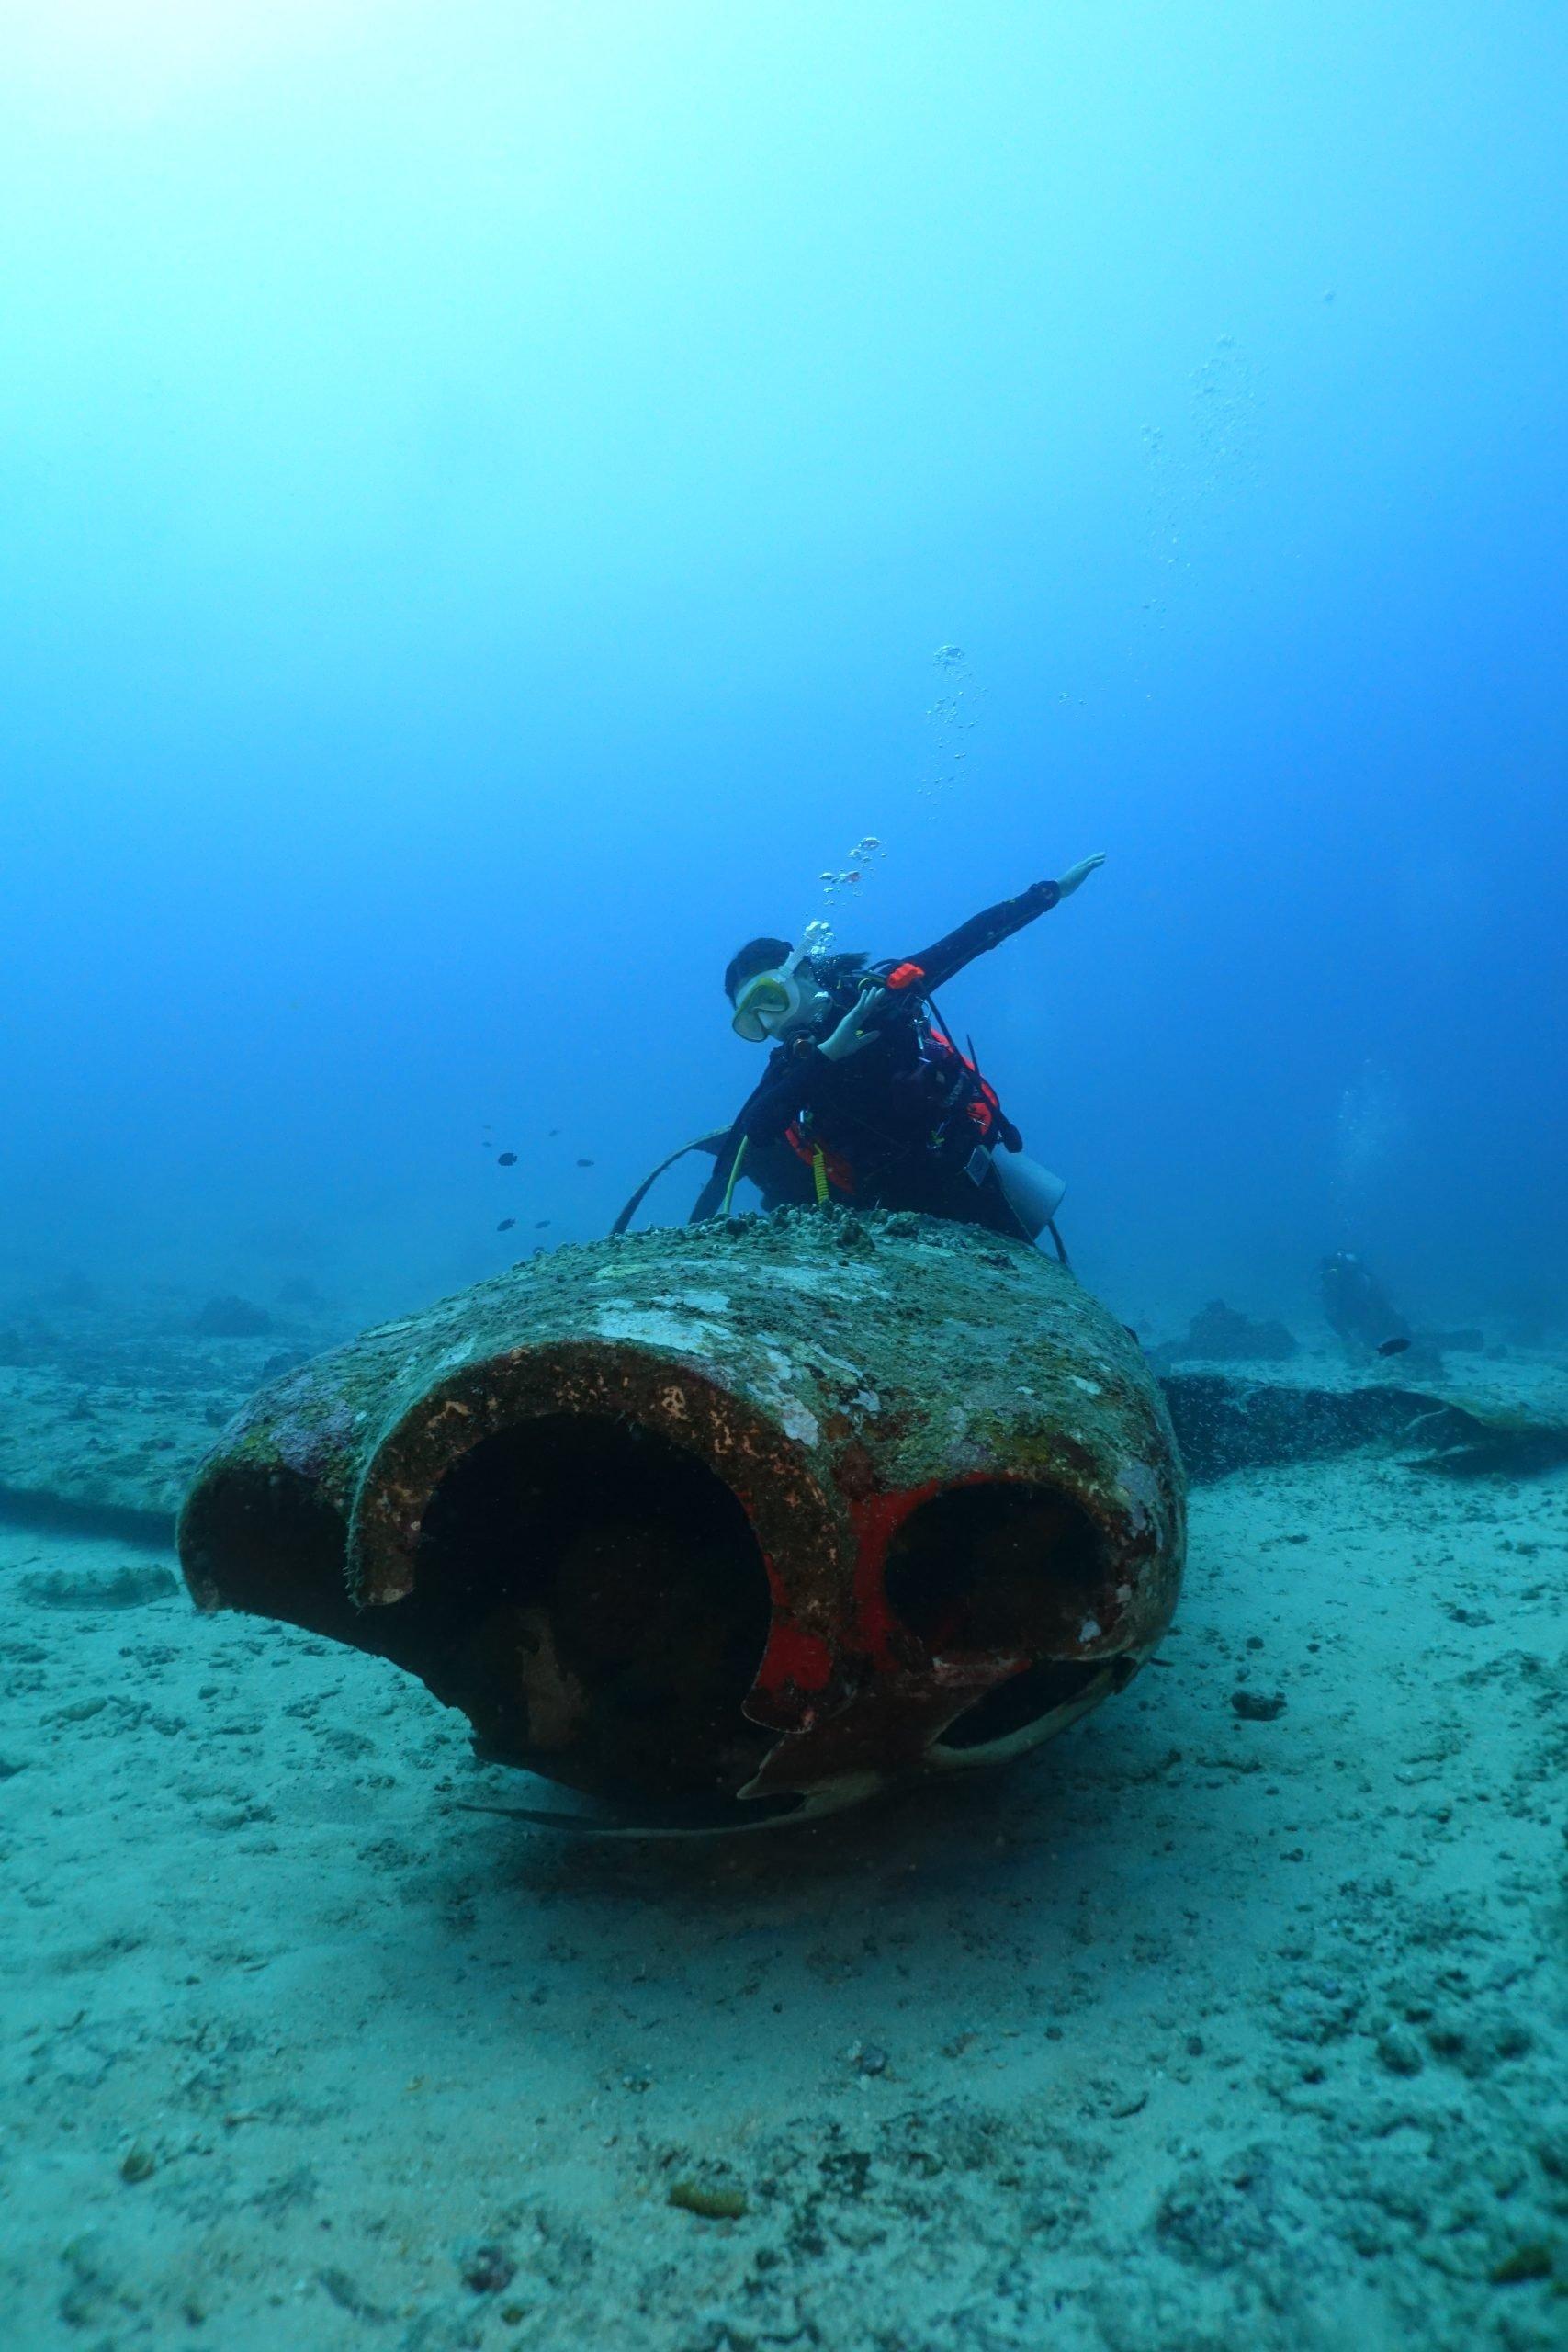 詩巴丹潛水課程